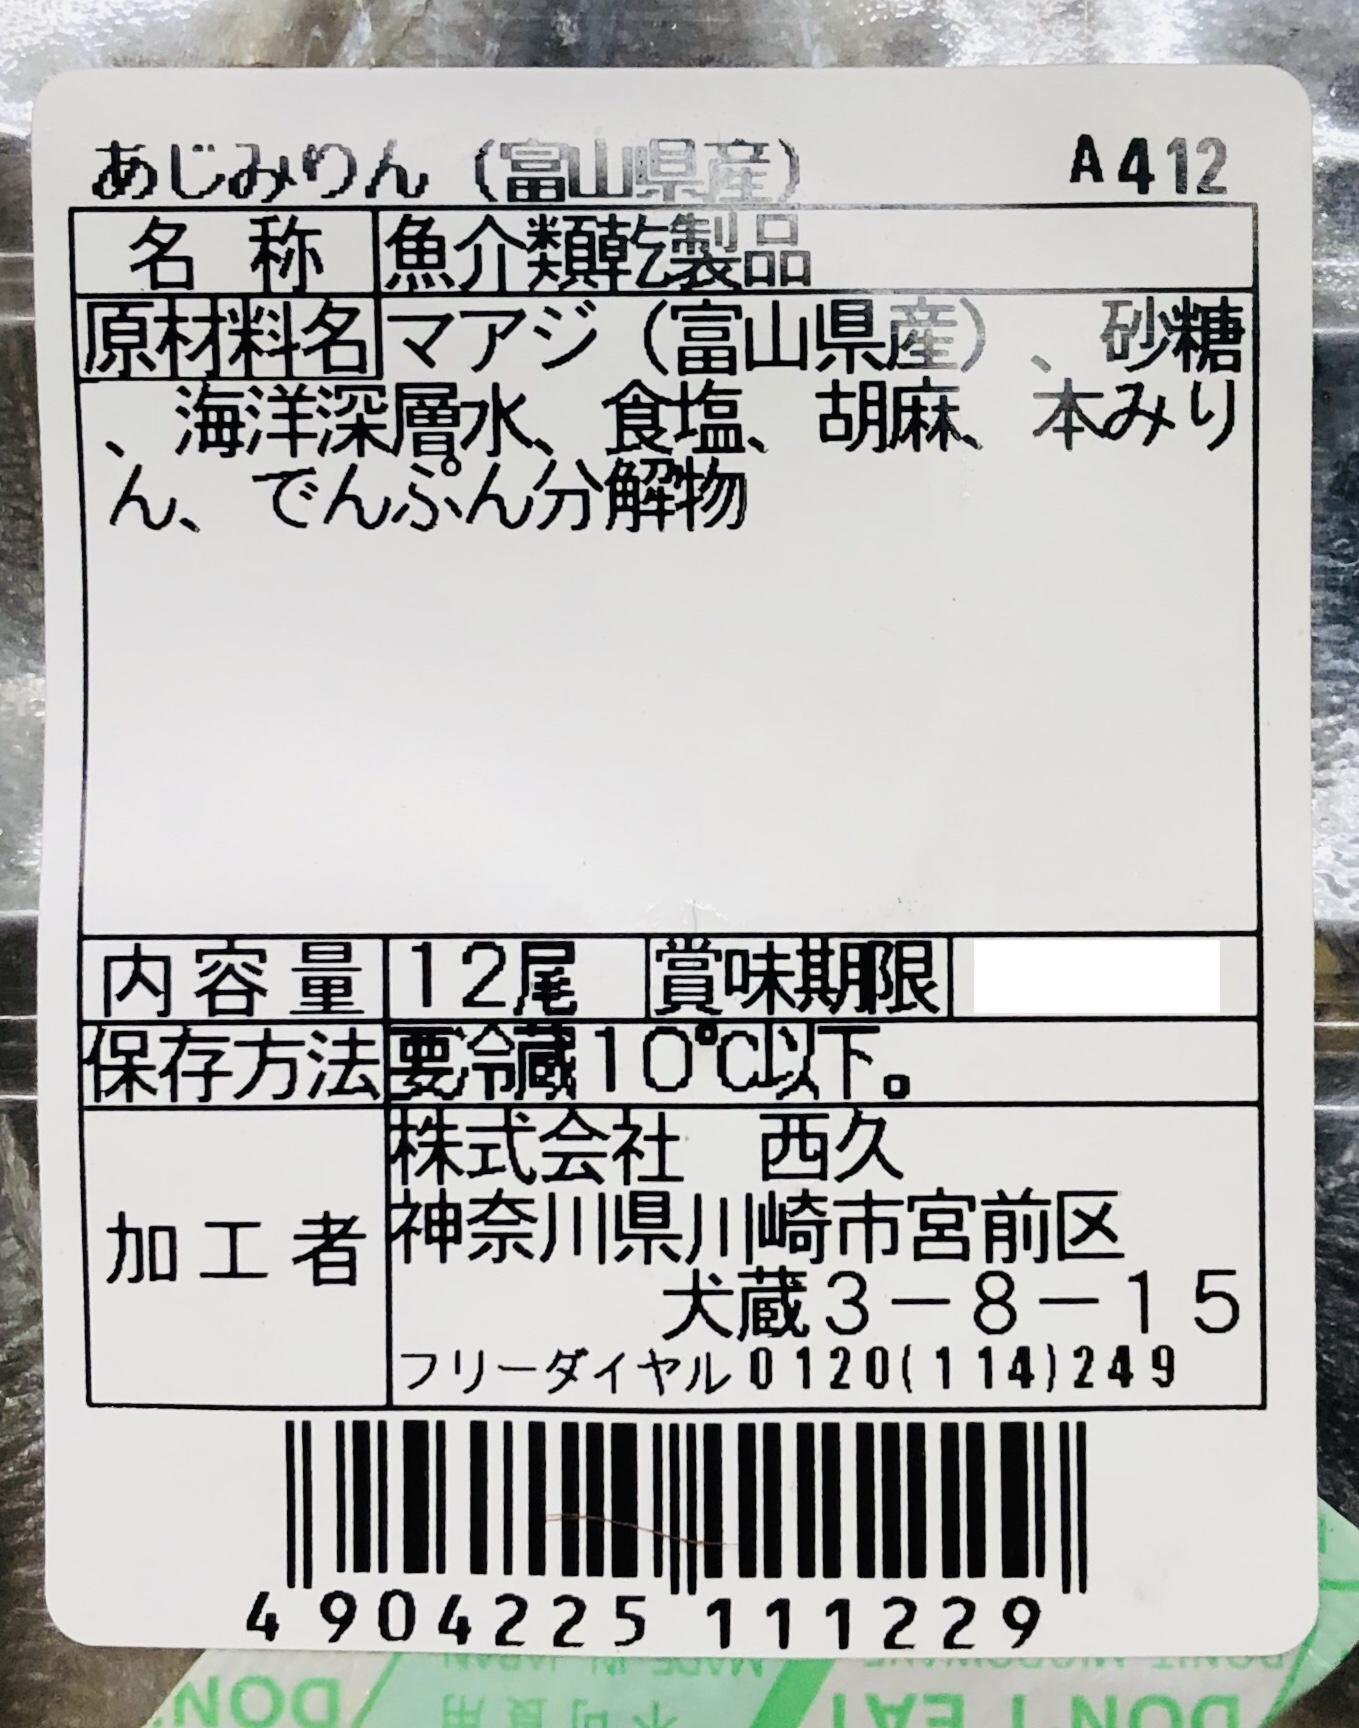 あじみりん 12尾 【酒の肴に最適】◇お得な配送設定あり(10袋まで同梱可能)【冷蔵便】